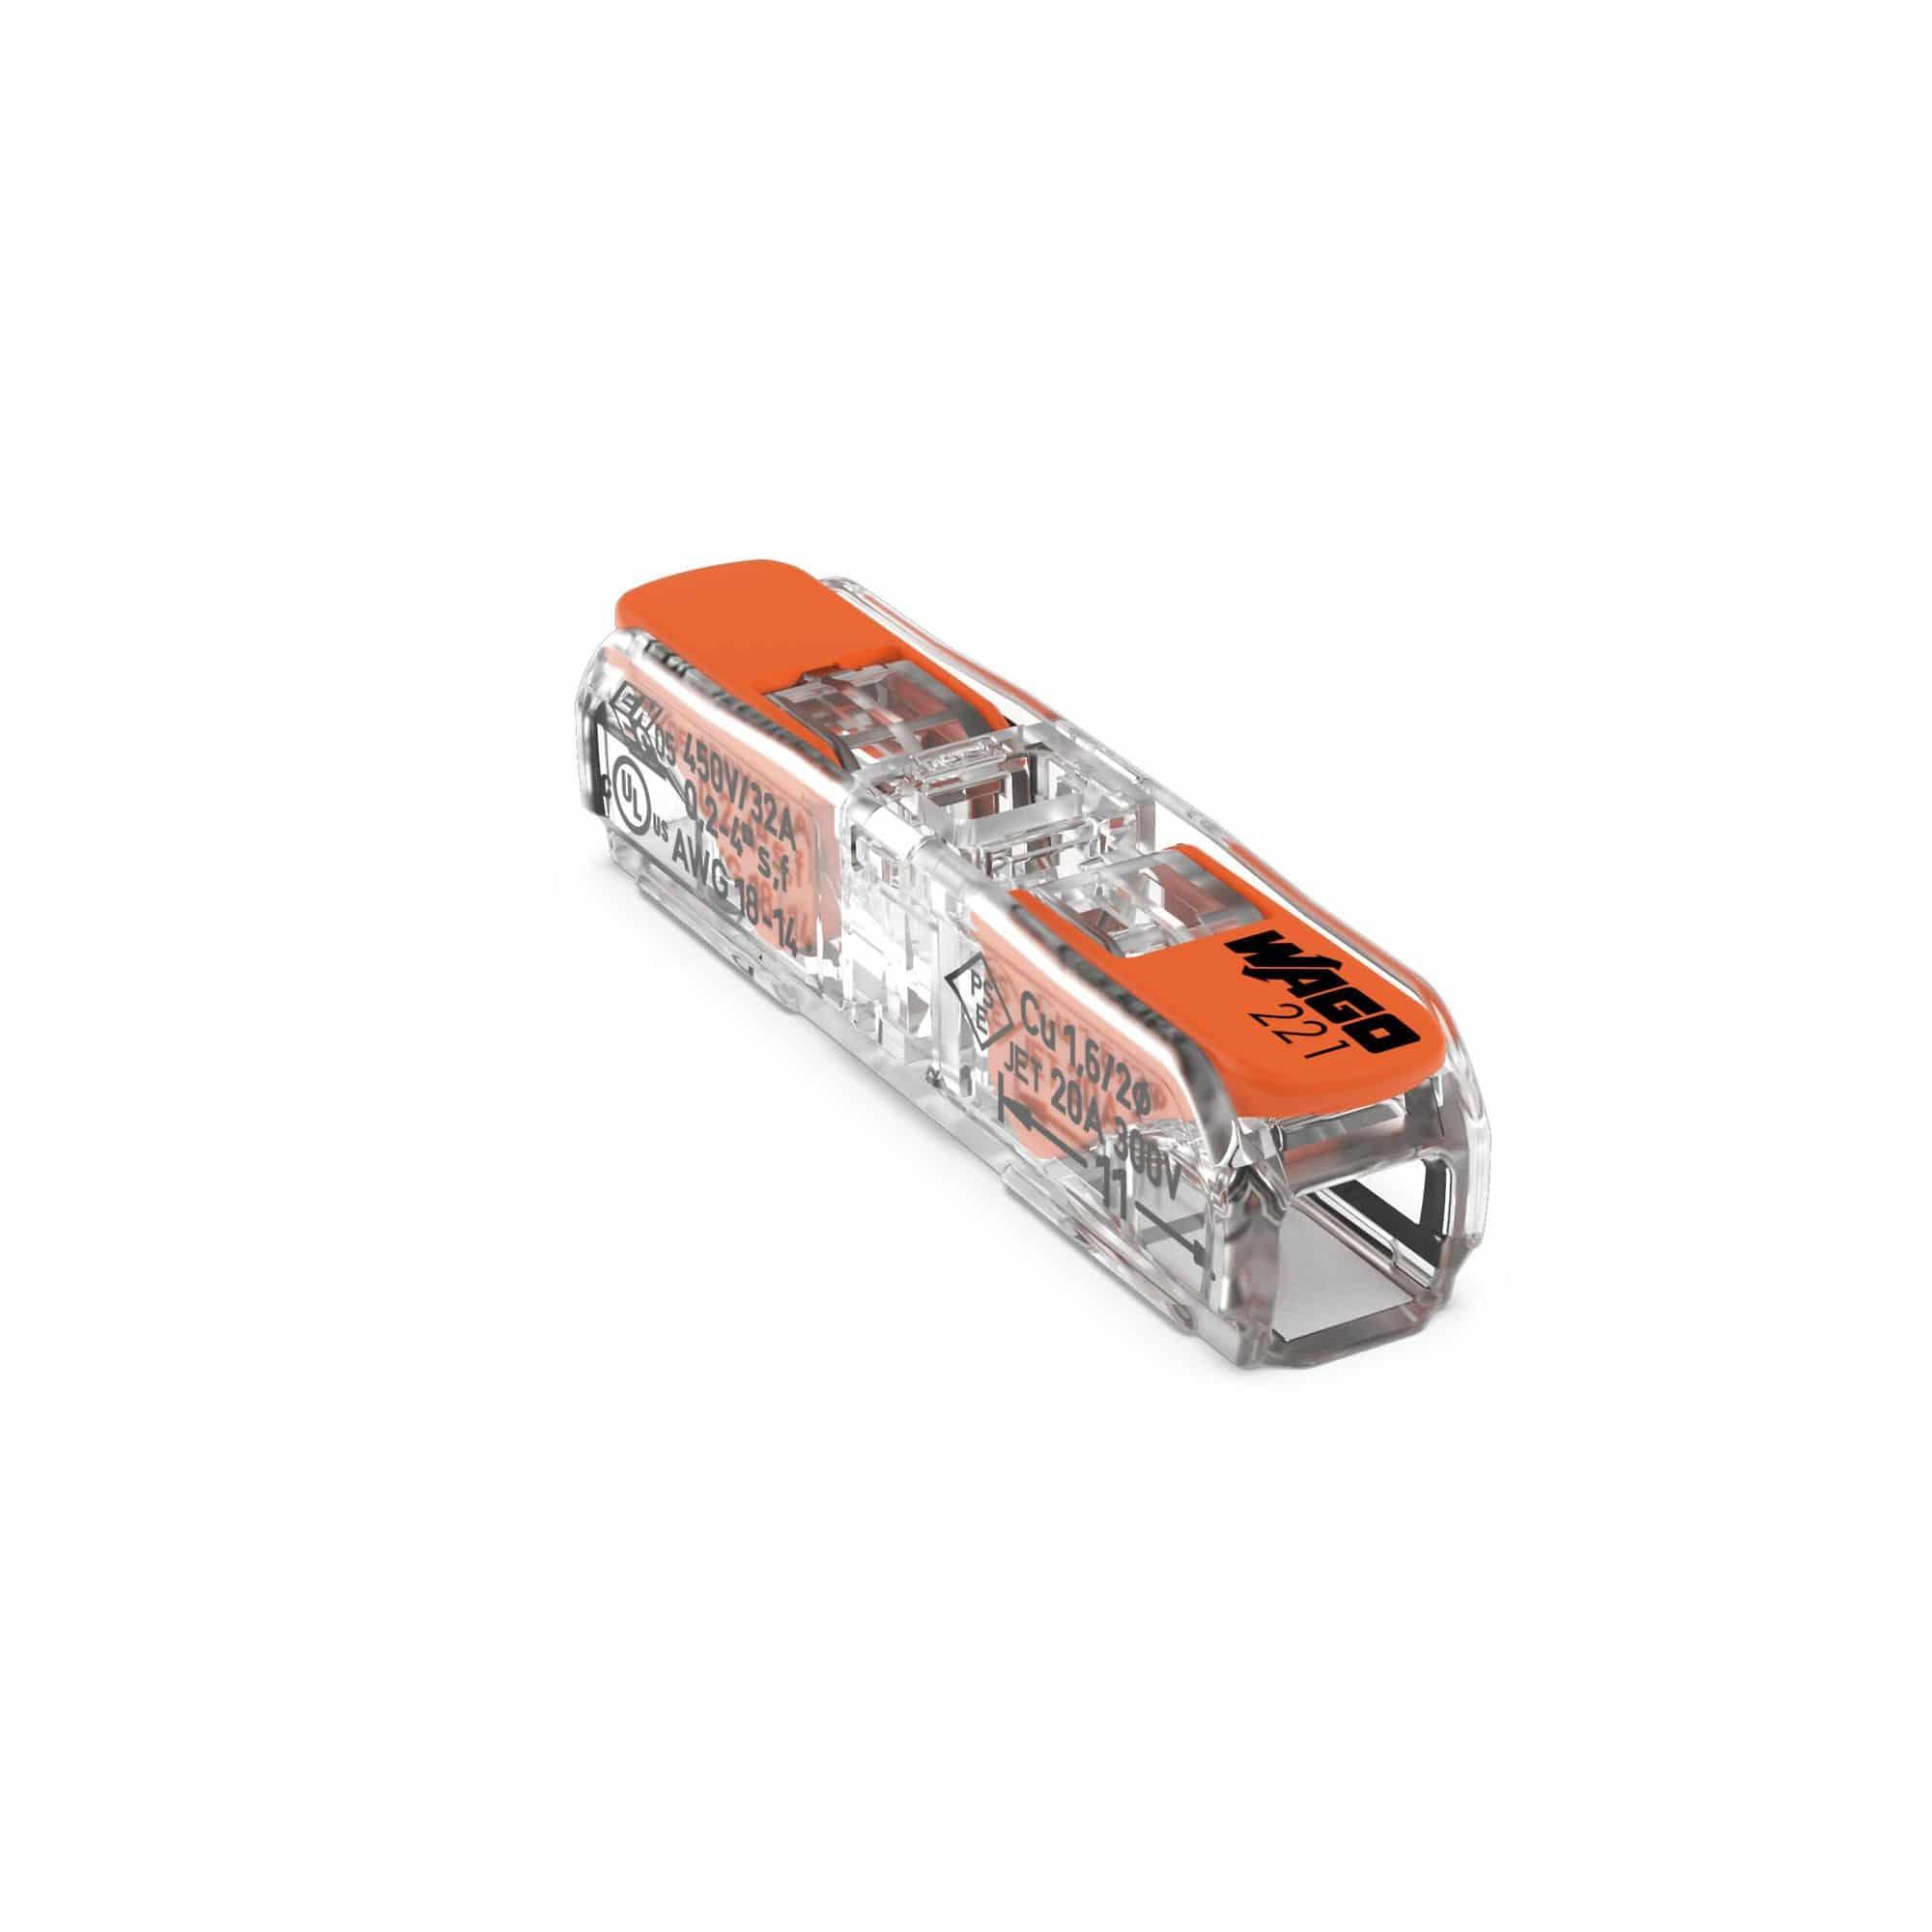 WAGO 221-2411 Durchgangsverbinder mit Hebel max 4mm² VPE60